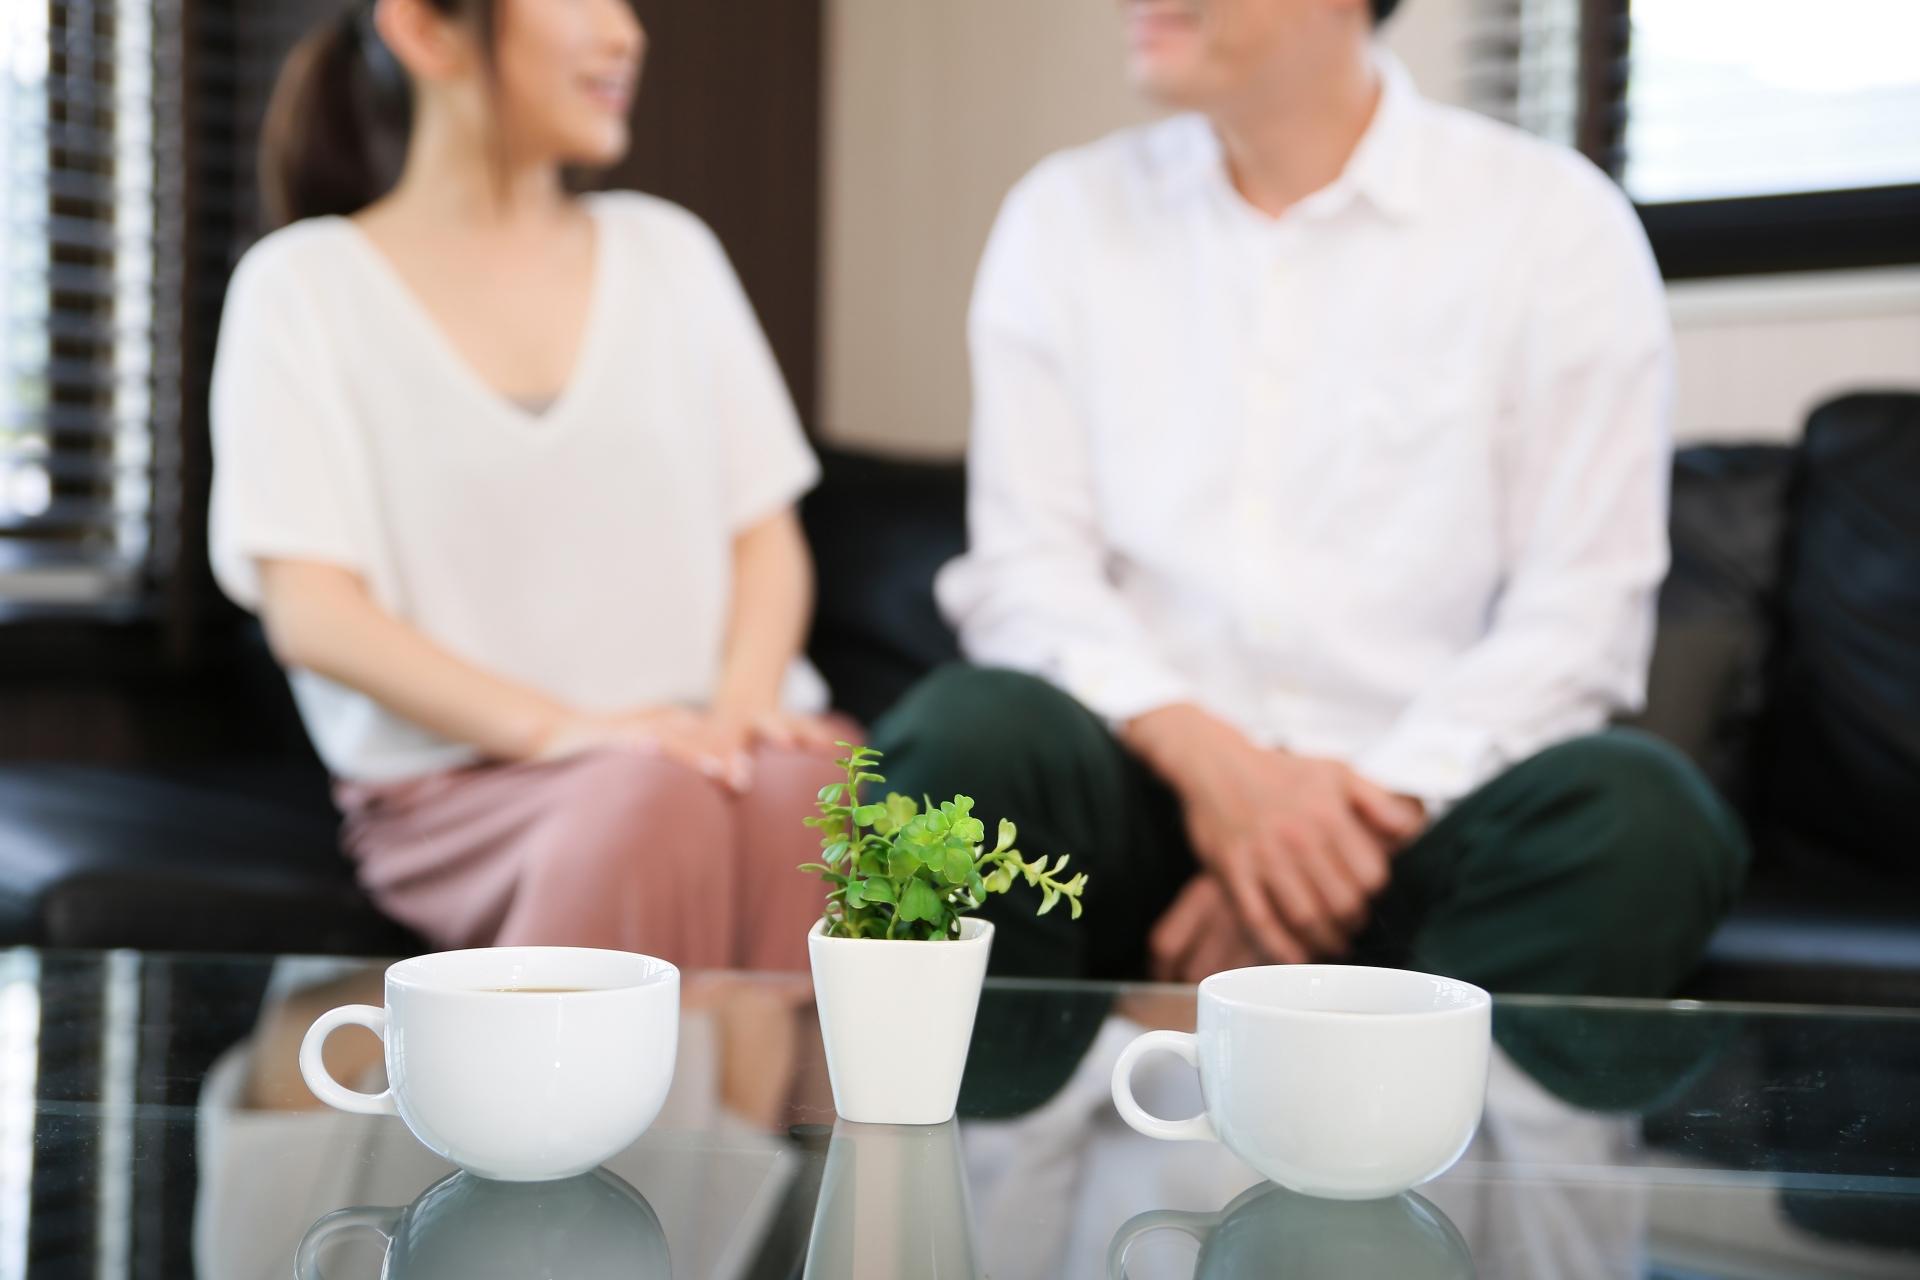 婚活で会話が盛り上がらない!対策方法4つ!